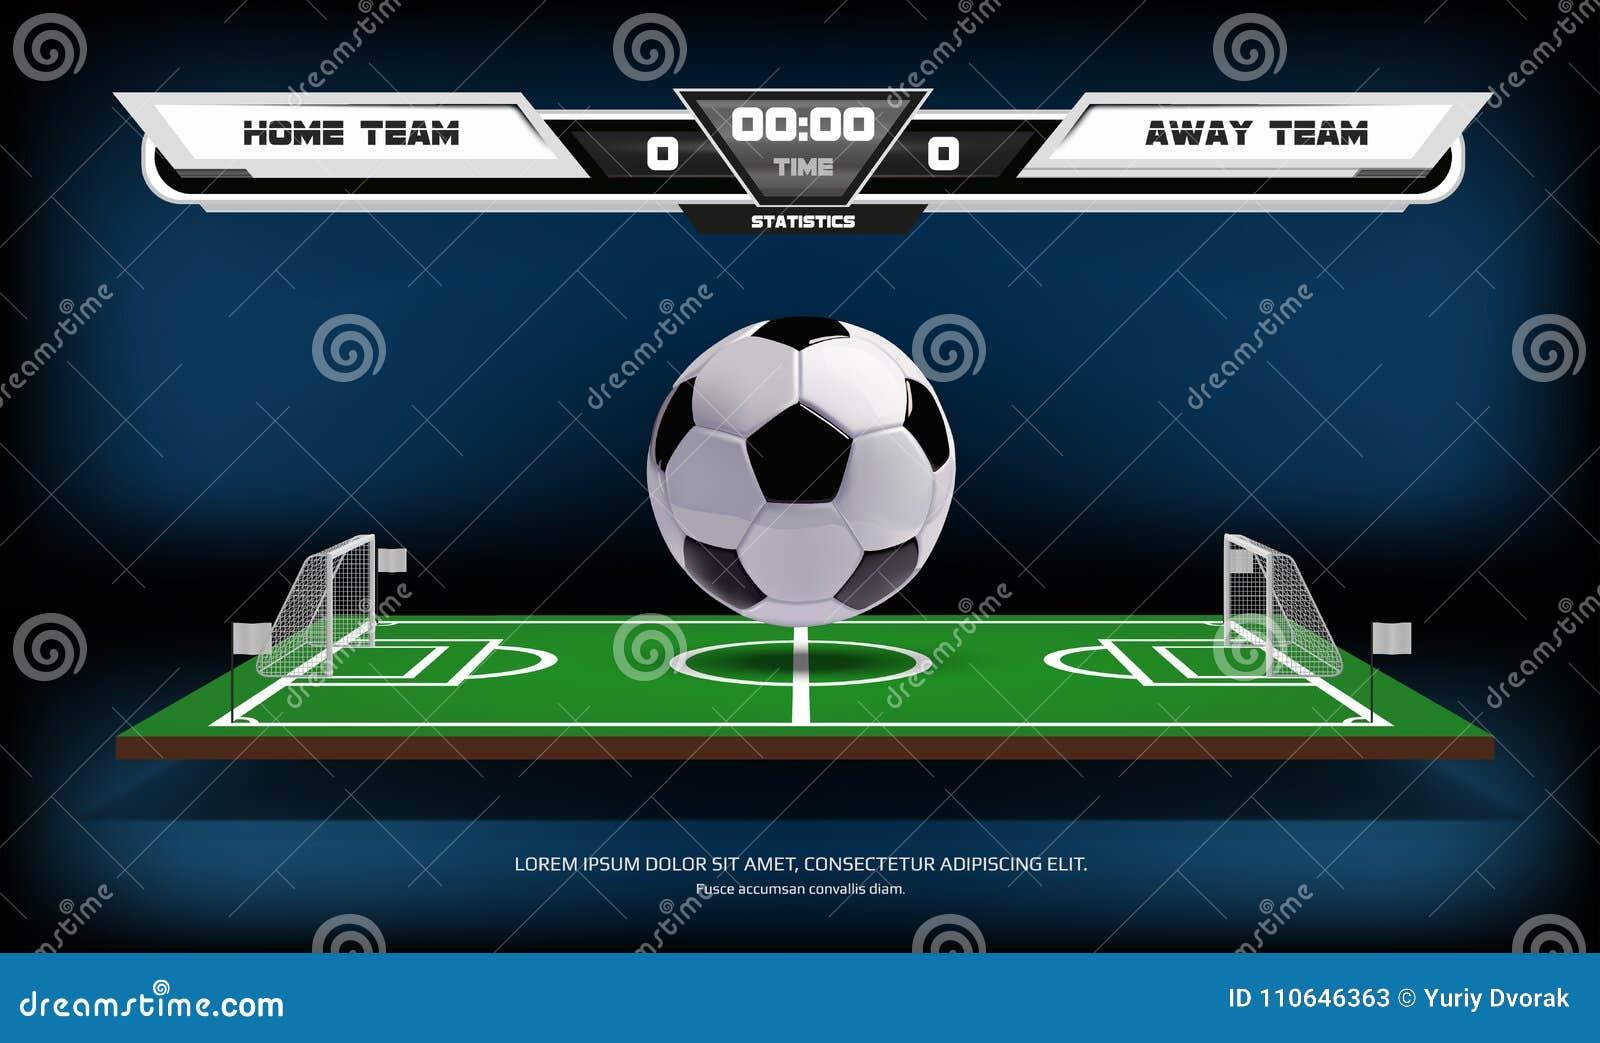 与infographic元素和3d球的橄榄球或足球运动场 比赛体育运动 橄榄球场聚光灯和